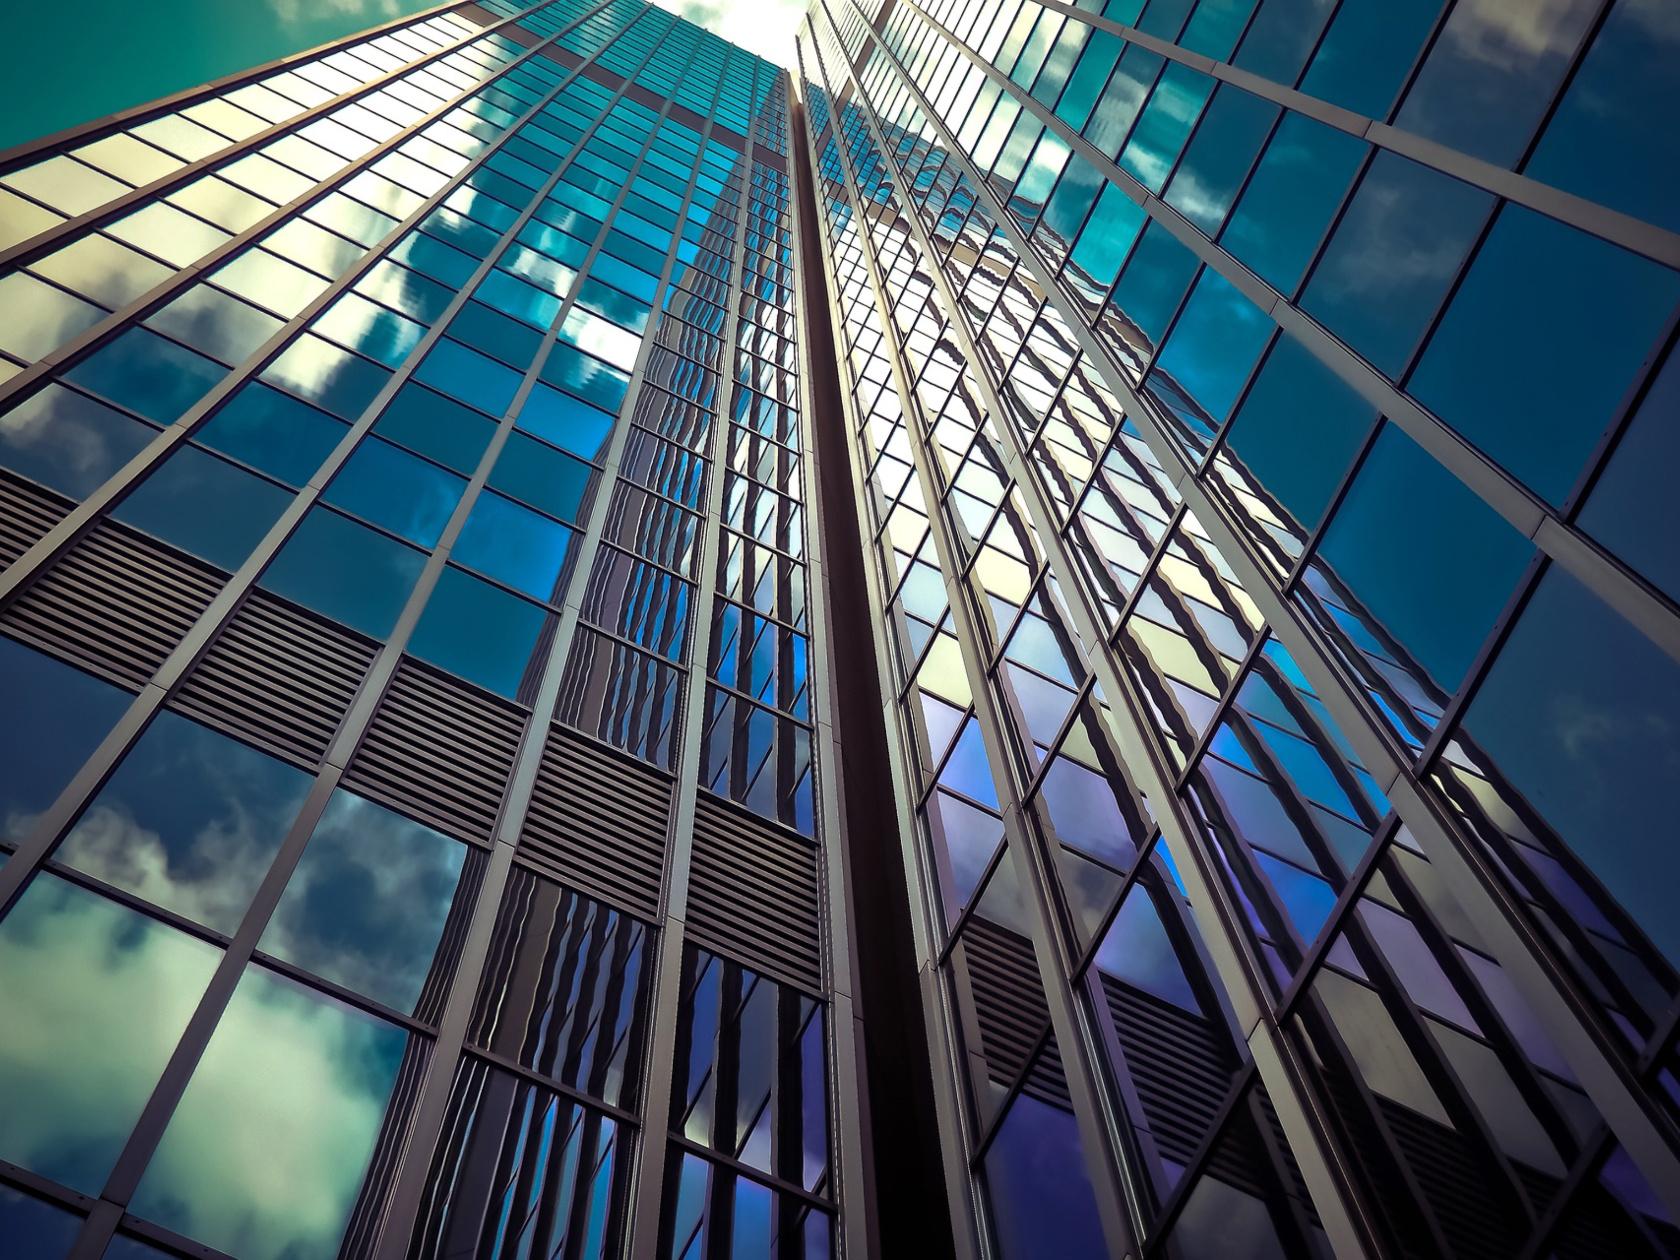 第49話|データ活用の成否に企業規模は関係ないが、成功確率に差がある理由